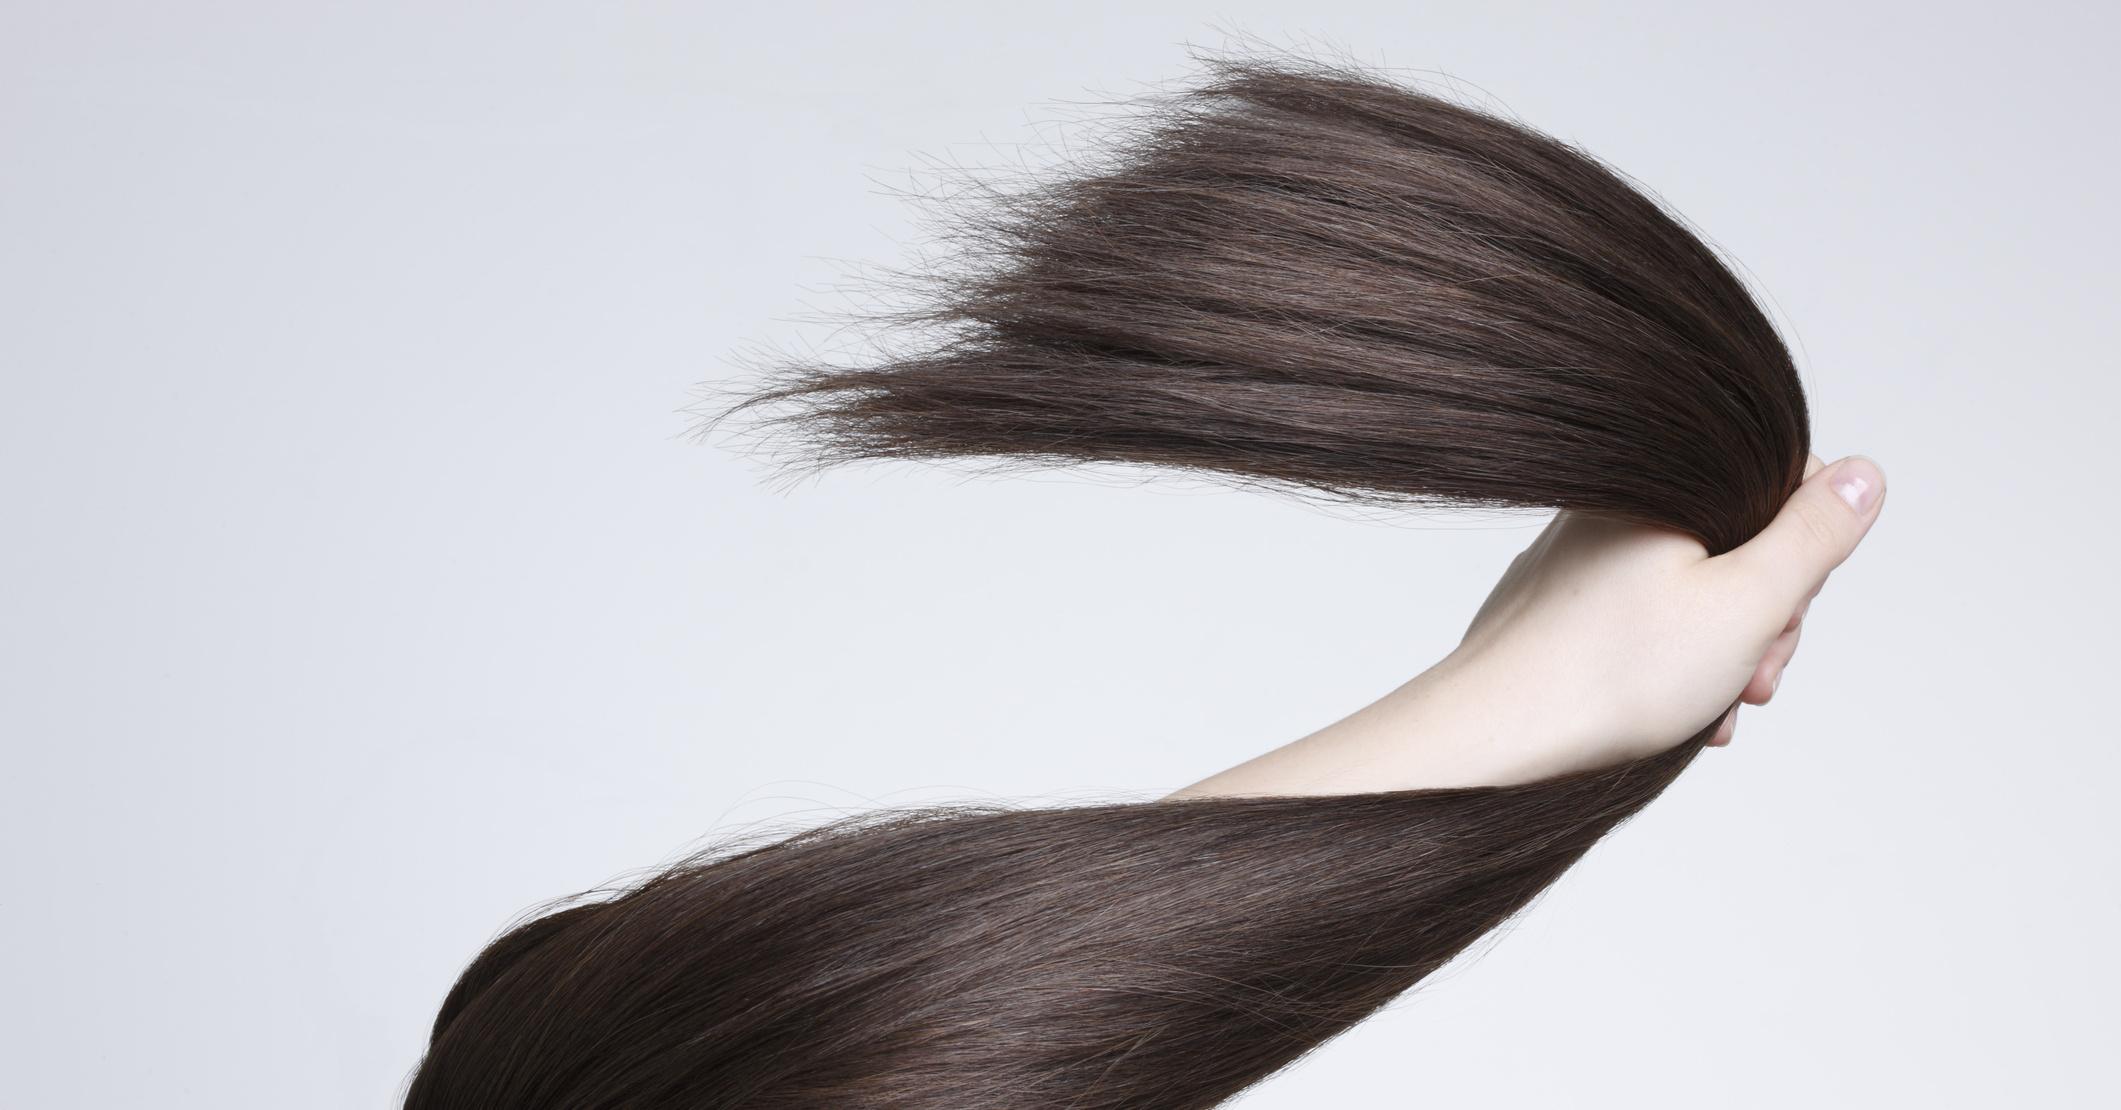 Шампунь козье молоко против выпадения волос